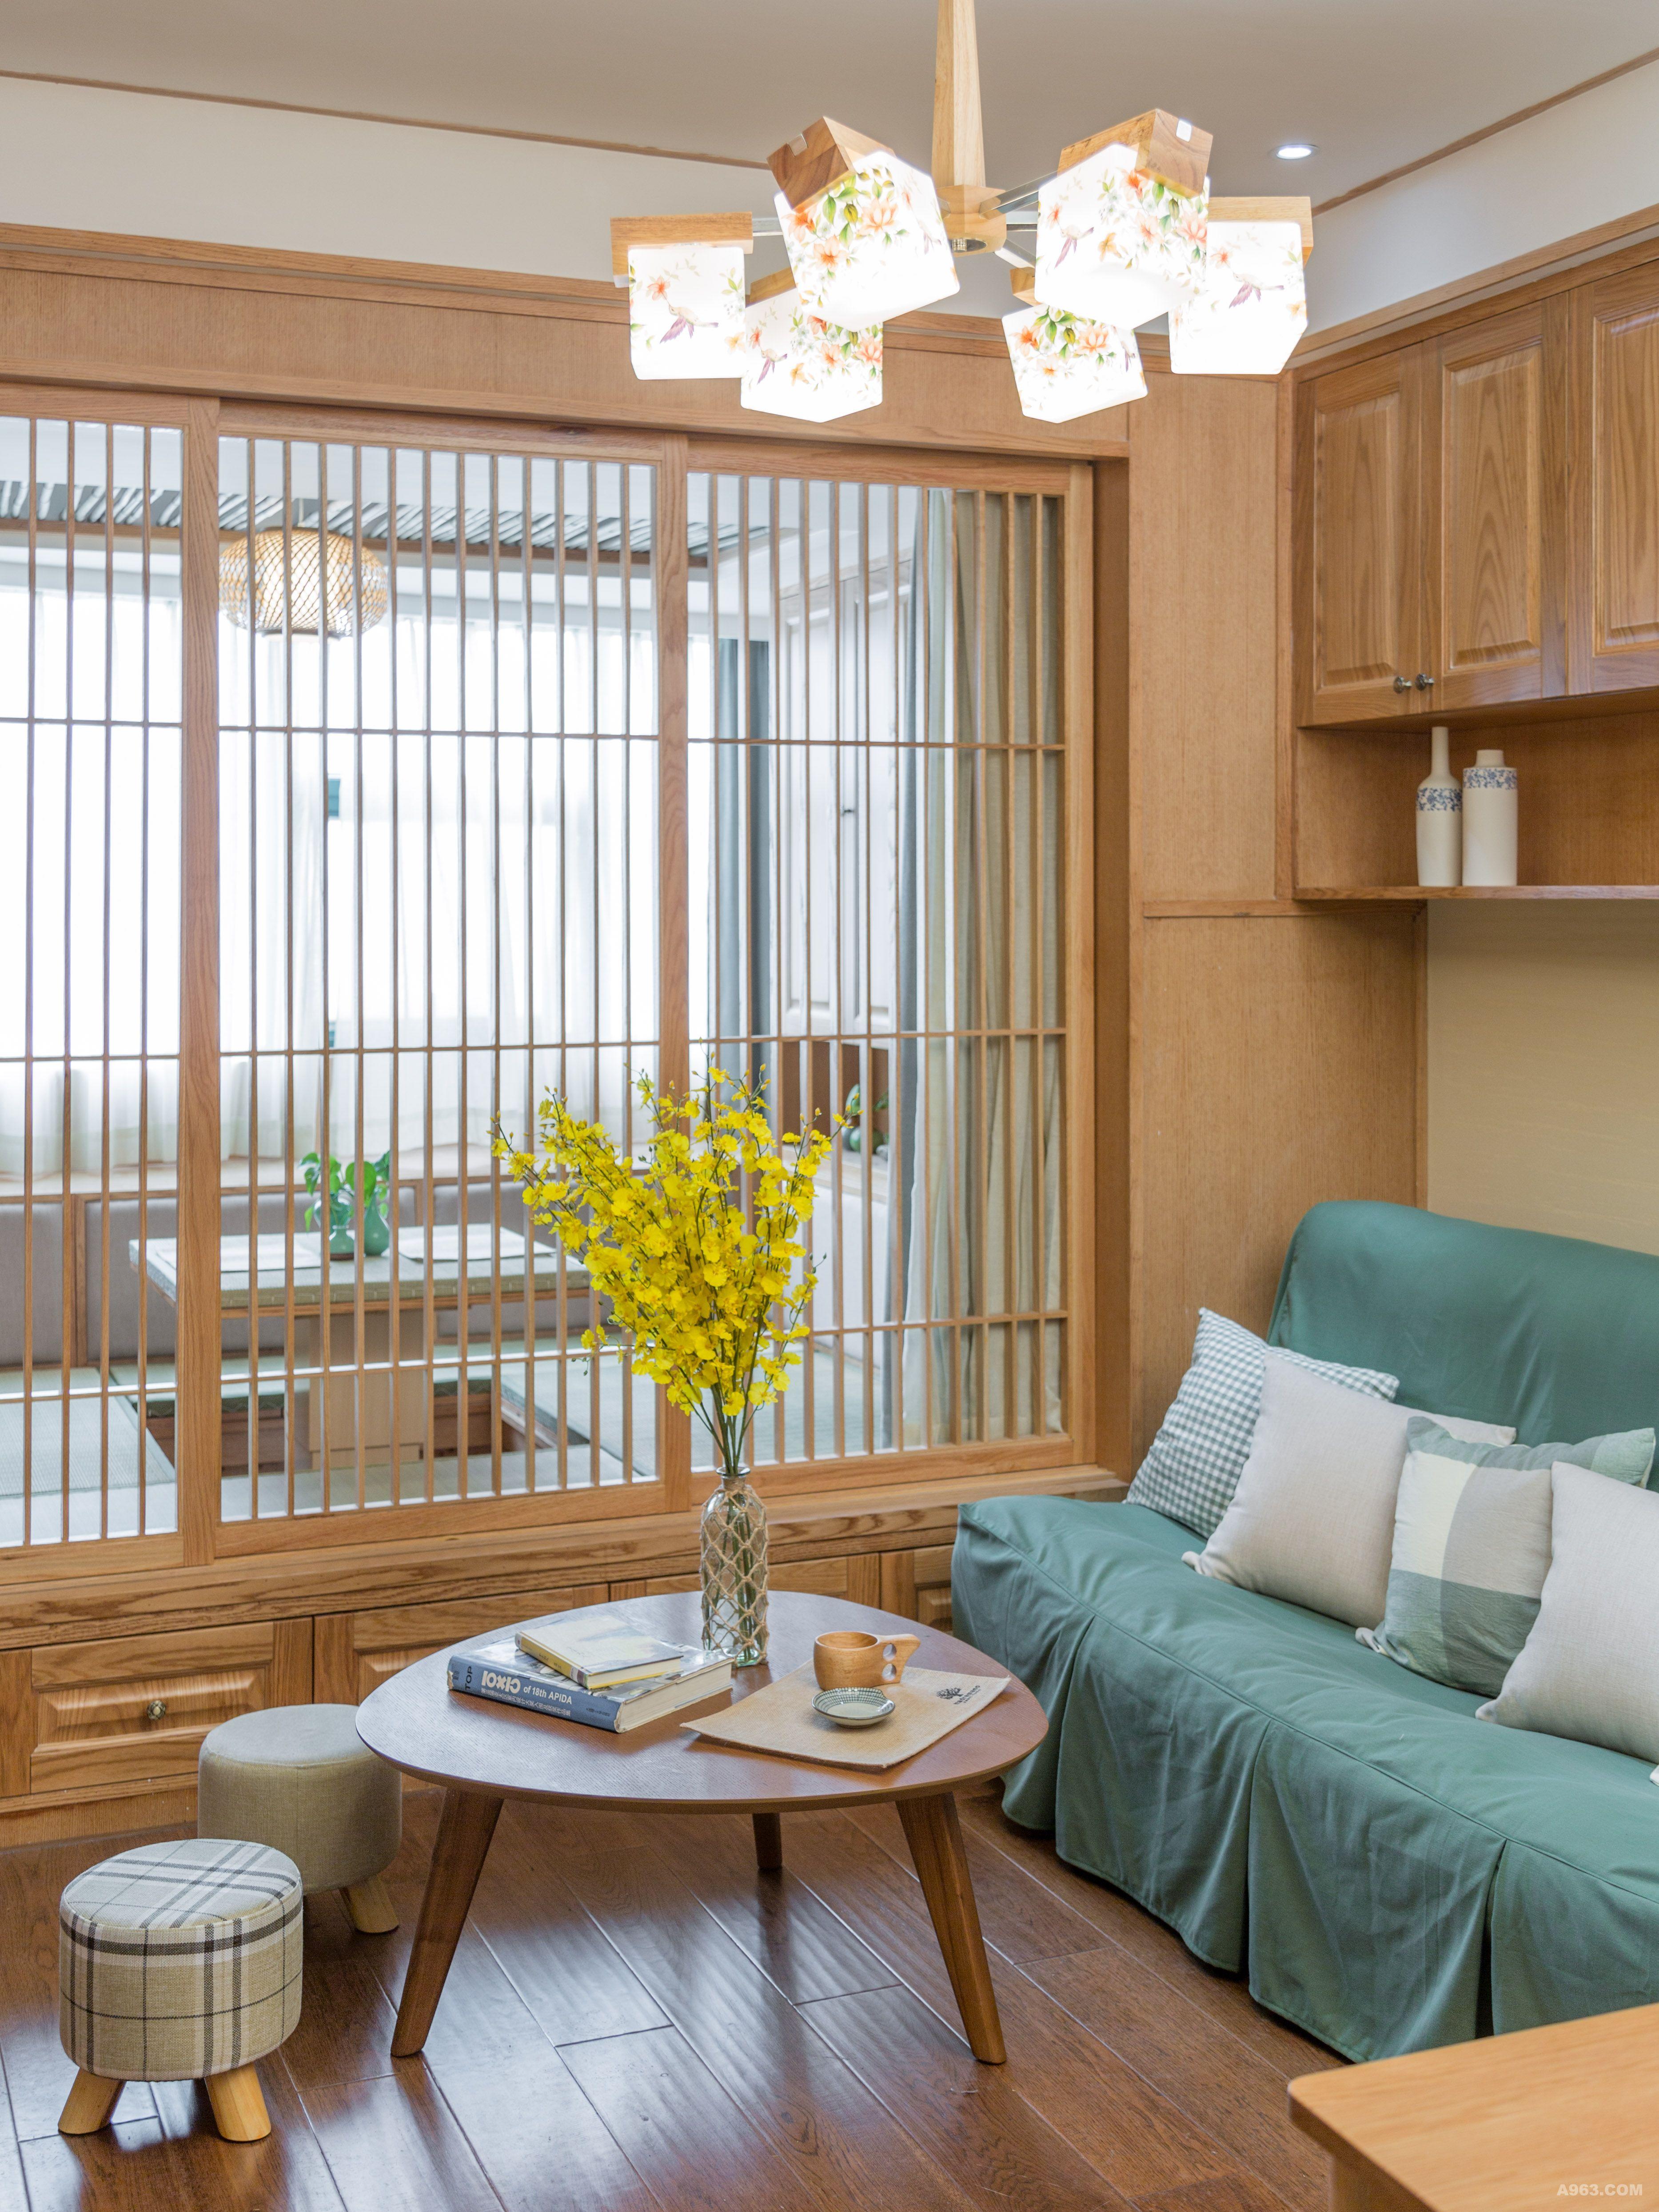 地址:杭州大都文苑风情 户型:1室1厅1厨1卫 面积:40平方 风格:日式 装修投入:12万(设计+施工+软装+主材) 设计师:王鲁平 设计说明:本案例为一个单身公寓,以仿古砖、硅藻泥、竹子、实木地板、原木为主要用材,为了尽可能保证整个空间采光通风,设计上采用虚实的流动和分隔手法,流动为一室,分隔则分几个功能空间。最终的目的是人身处其中能放松心情,静静的思考,禅意无穷,另外为了保证收纳空间,在不影响使用的前提下,在两侧的墙上、榻榻米的周围做足了柜体,日常衣服和被褥、书的收纳足足有余。